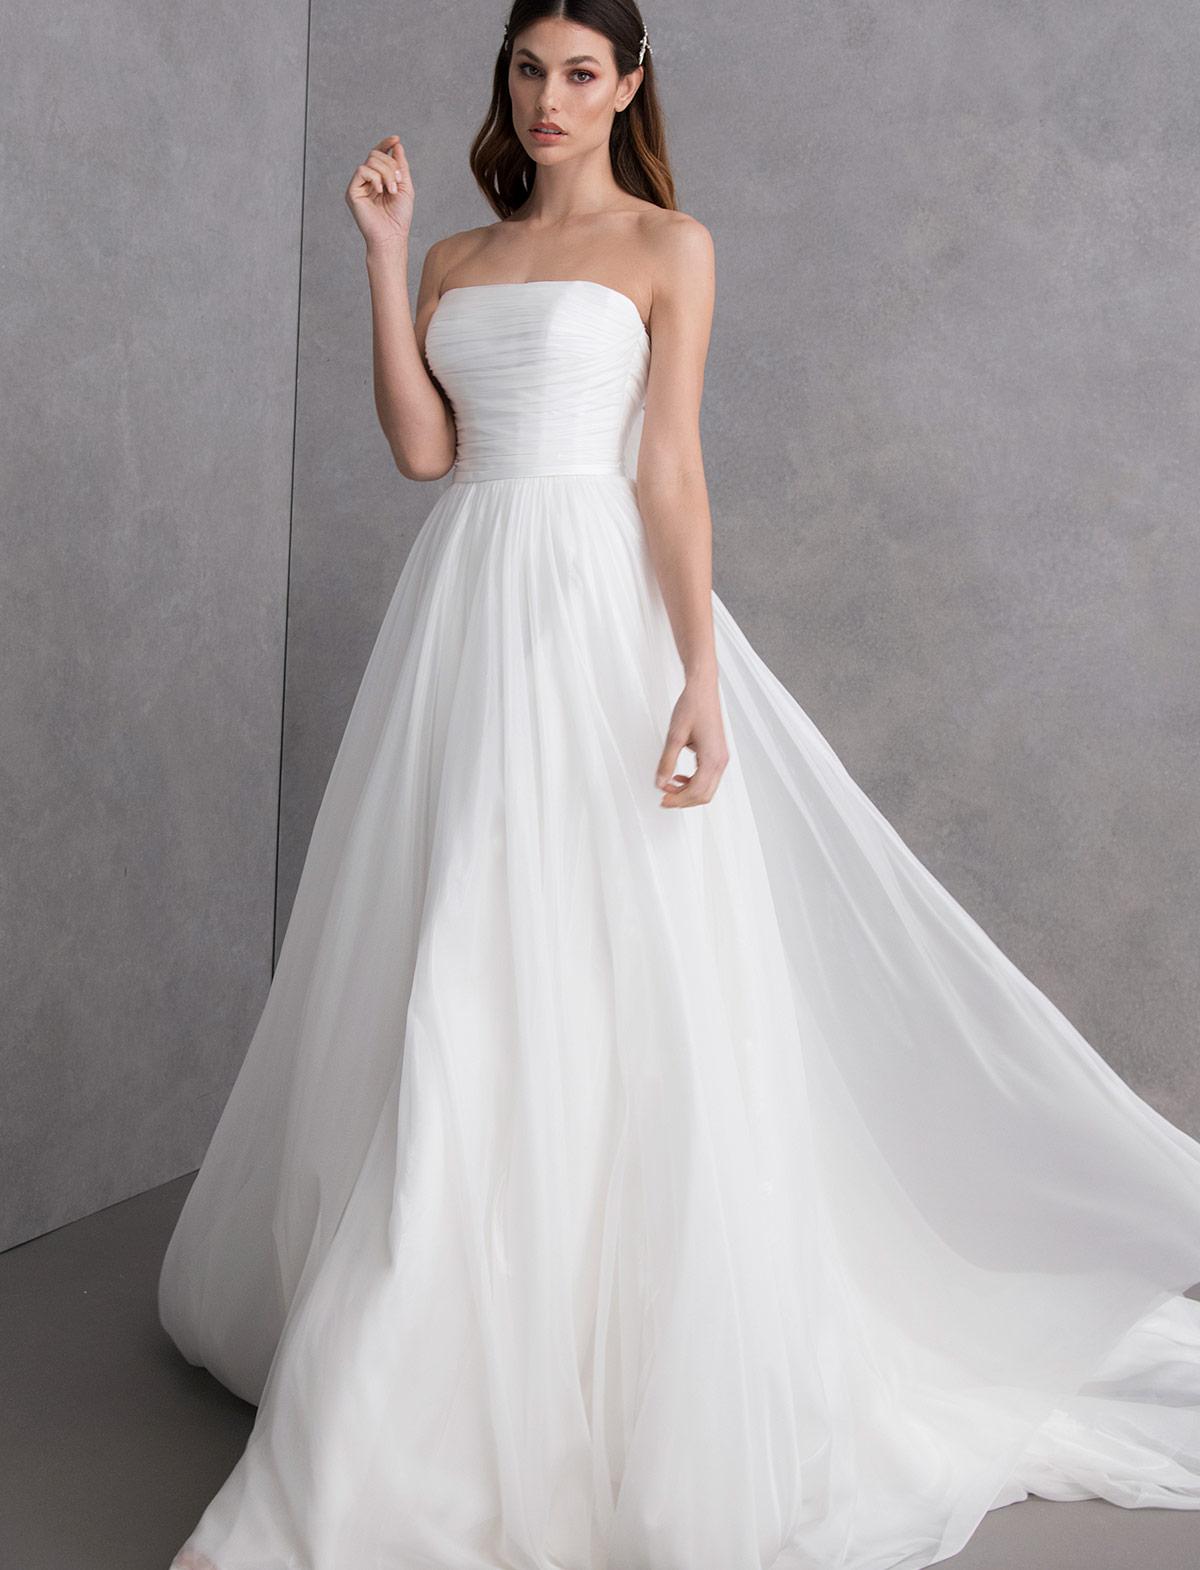 Valentini E707 Maiorca Abito Sposa 2020